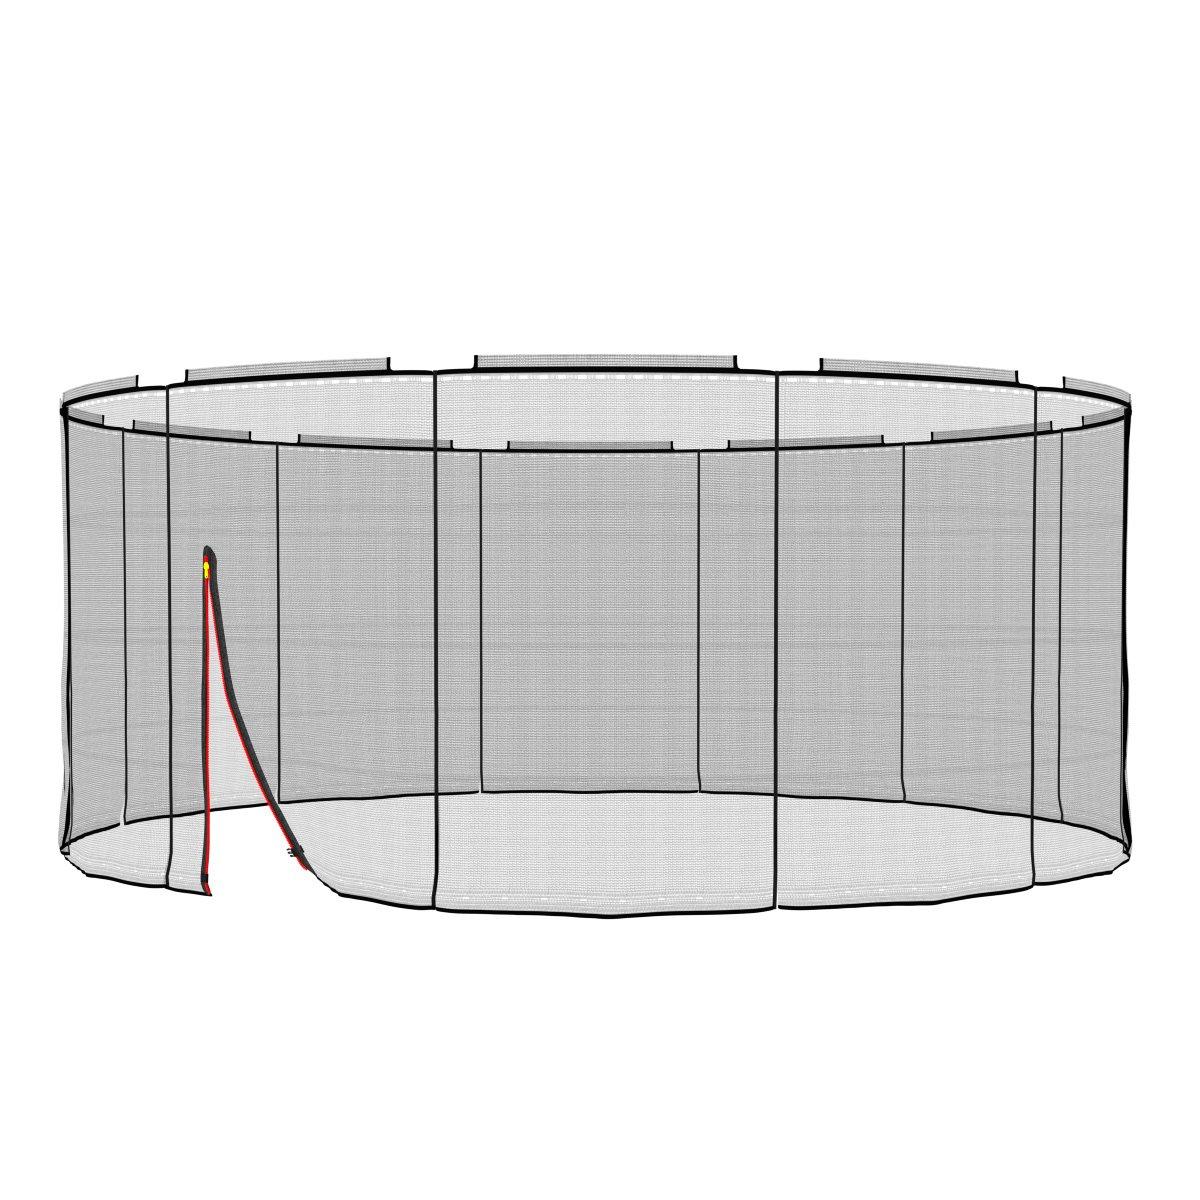 Ampel 24 Deluxe Ersatz Sicherheitsnetz für Trampolin Ø 430 cm, Ersatznetz für 12 Stangen, Netz innenliegend, reißfest, UV-Besteändig